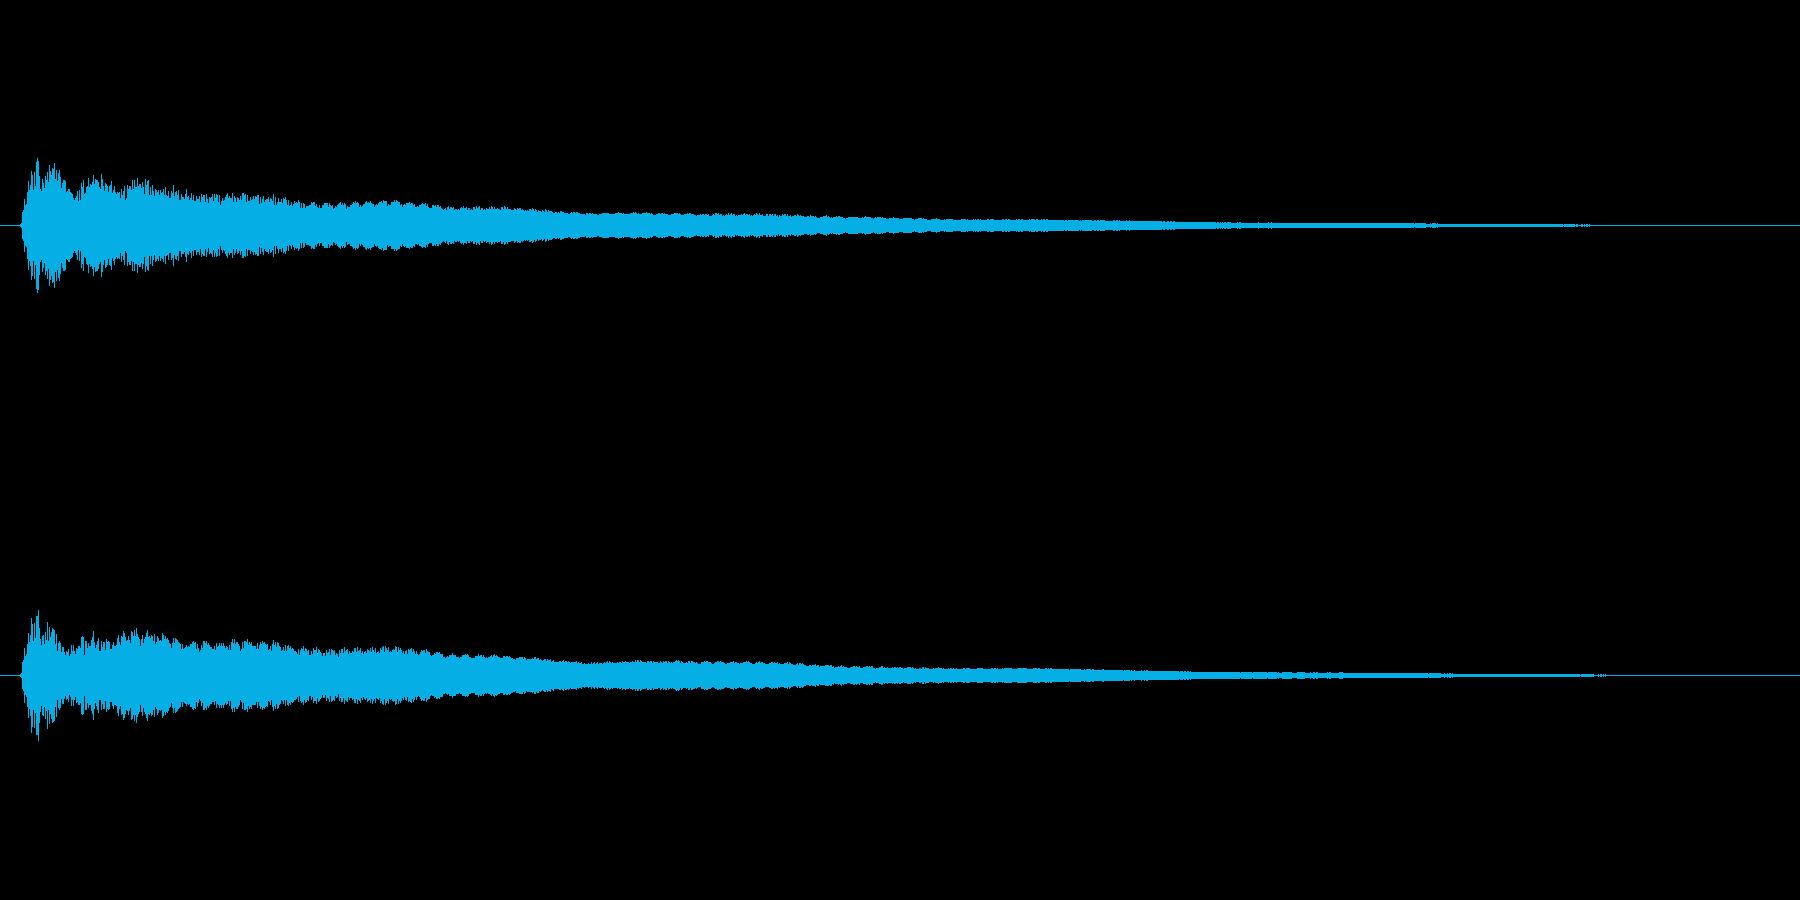 【鐘 お寺01-2】の再生済みの波形